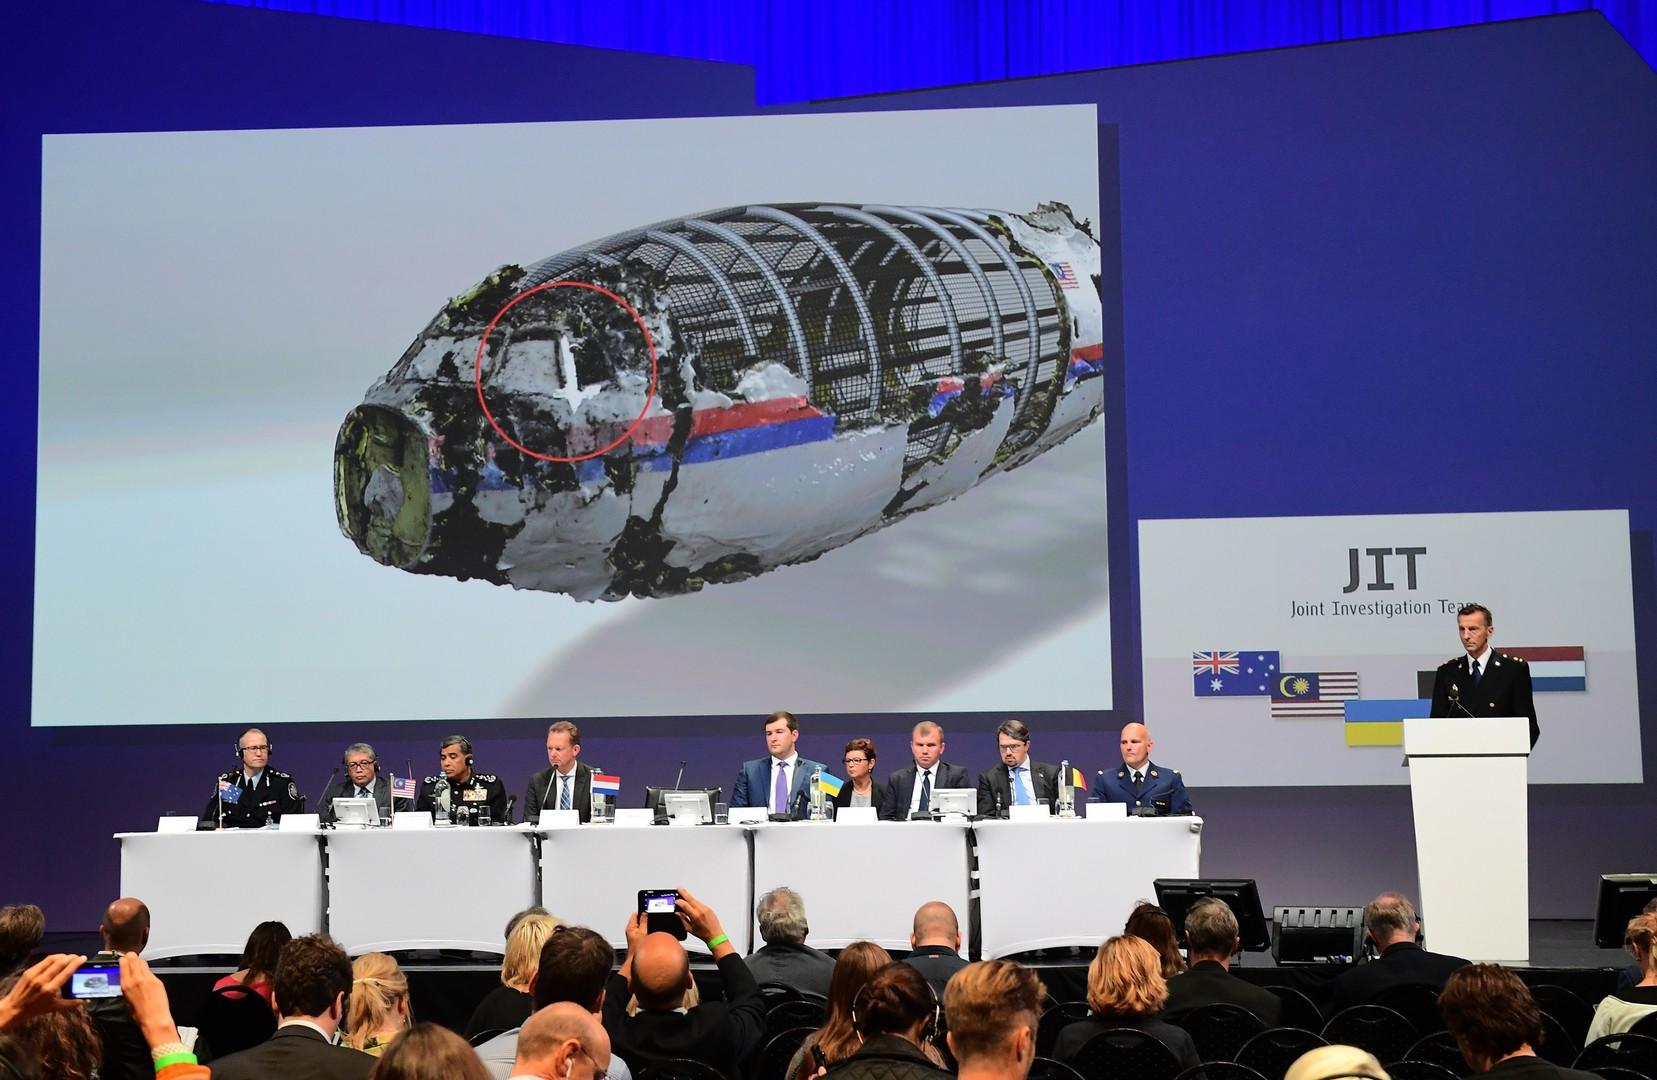 Эксперты о докладе по MH17: могли использовать снимки из космоса, а взяли фото из соцсетей